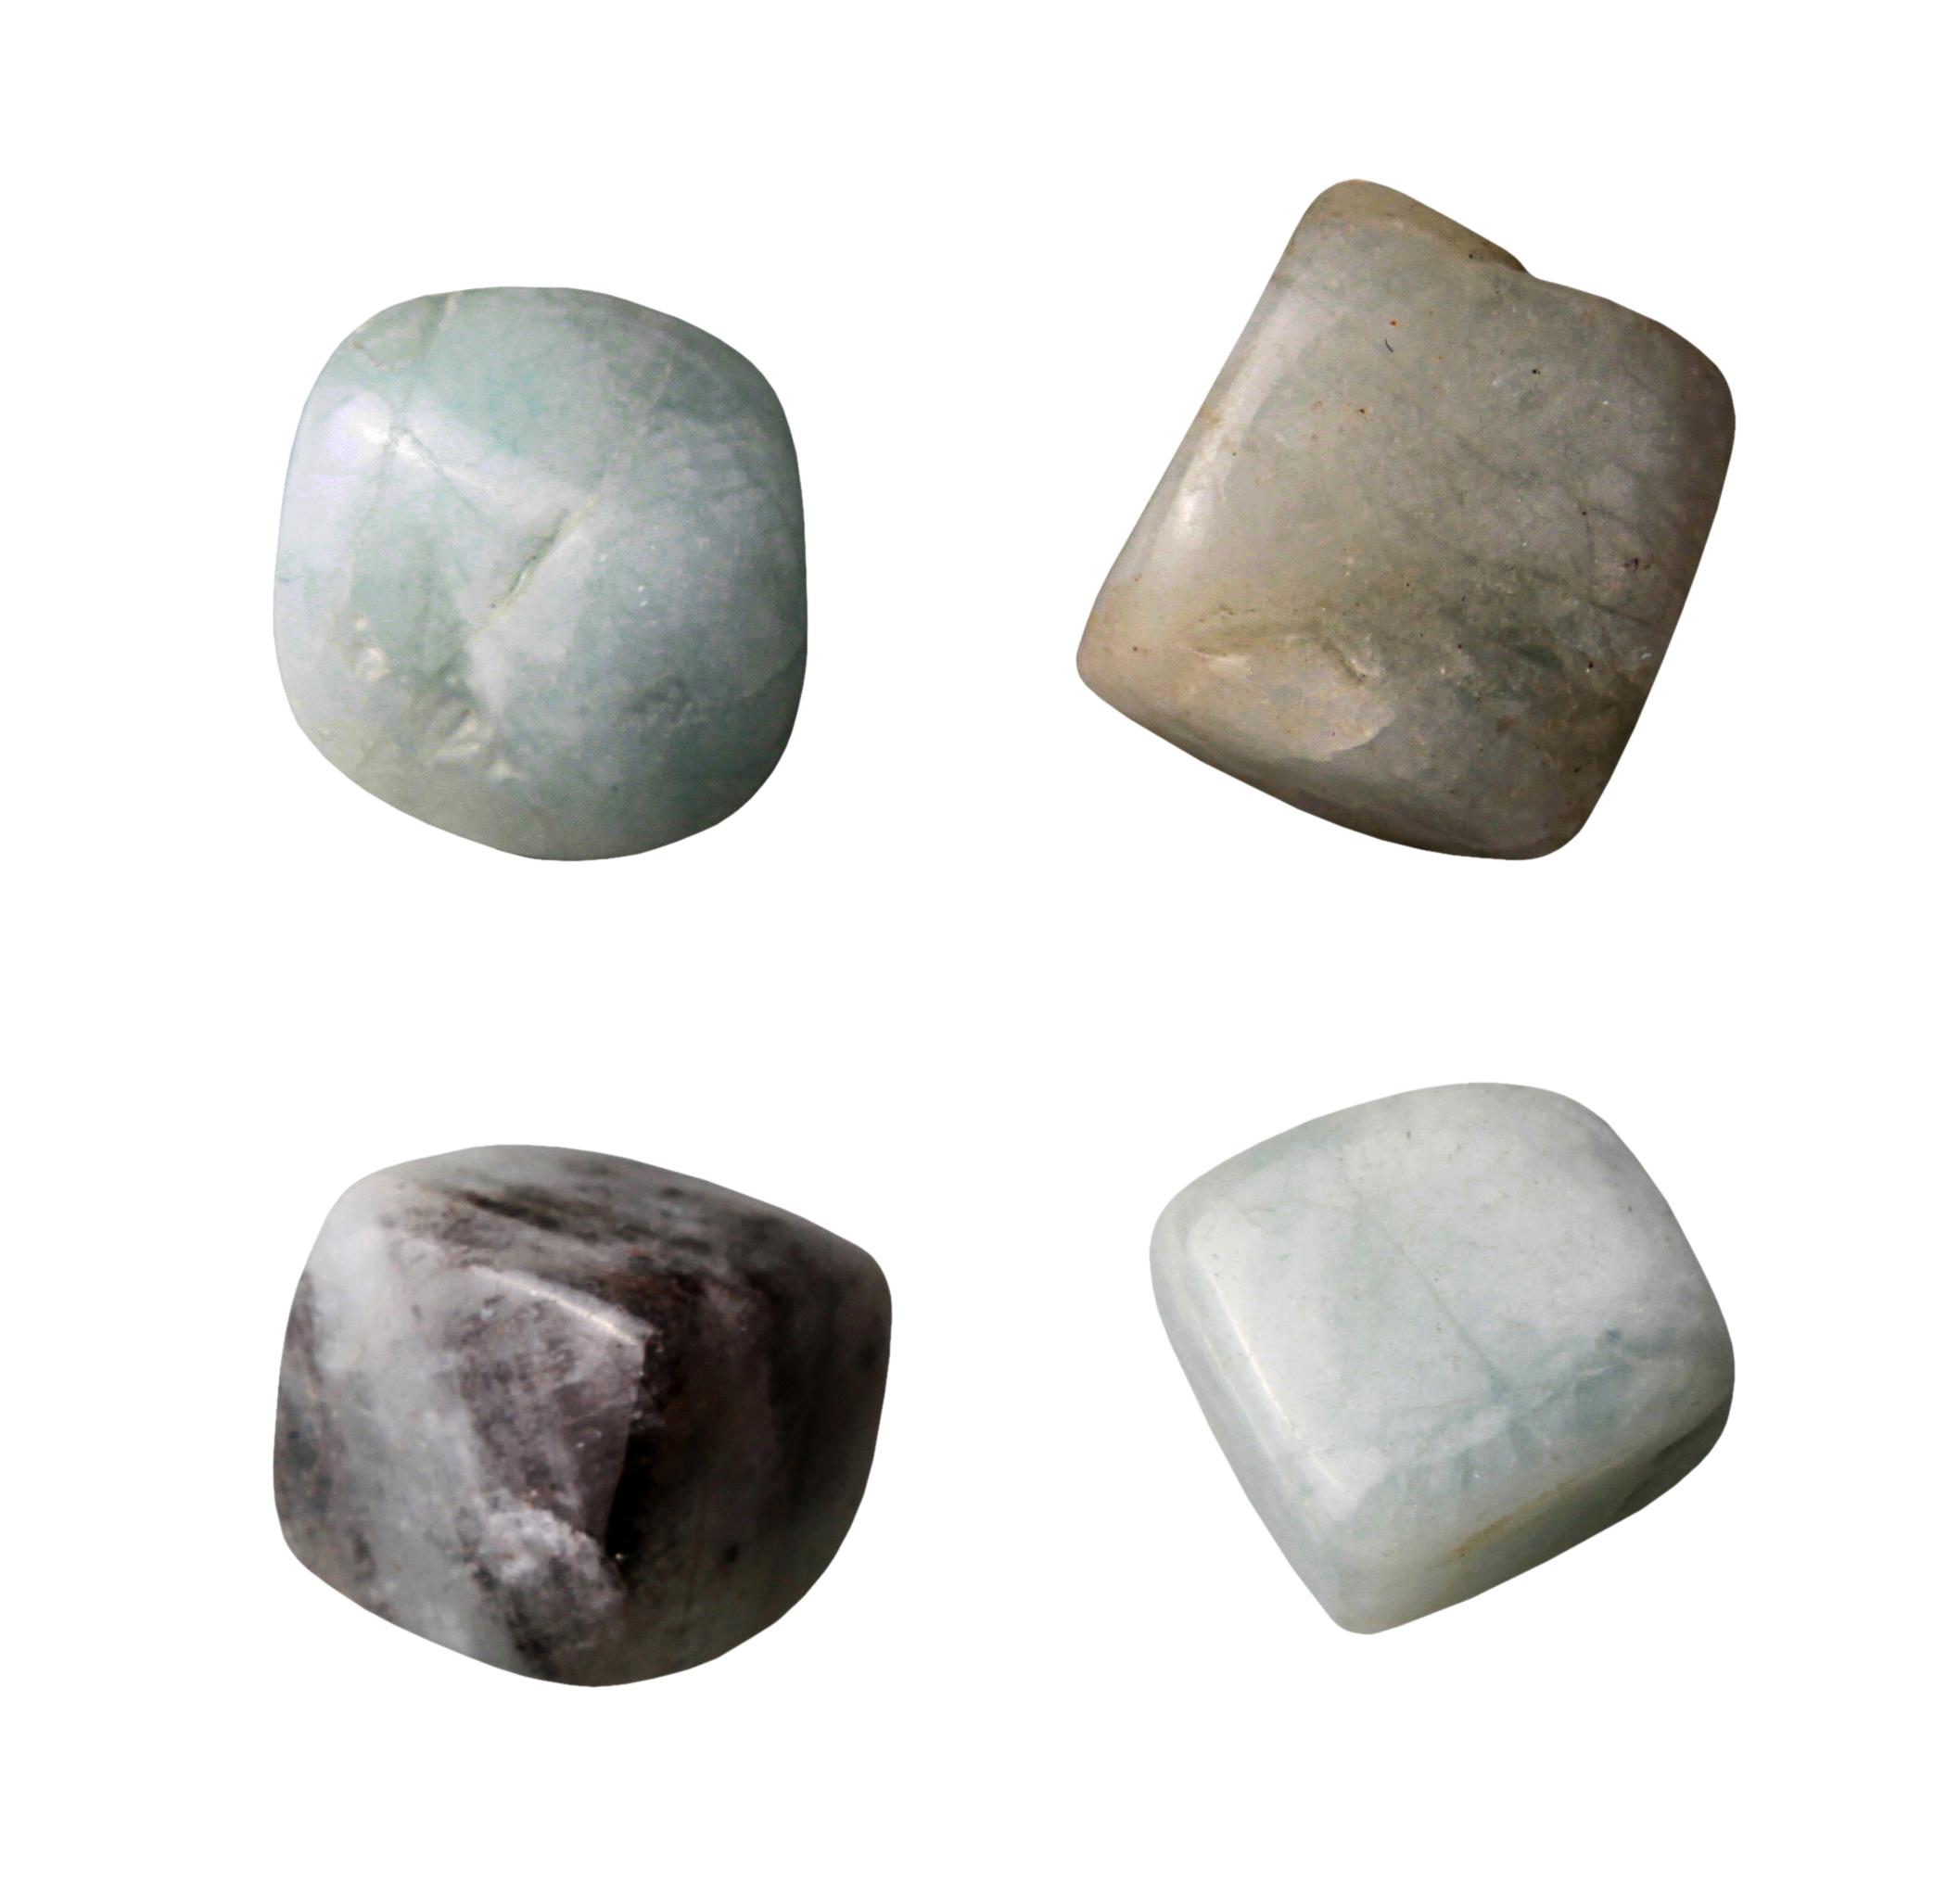 Kamienie szlachetne - Akwamaryn (beryl) polerowany, 70012